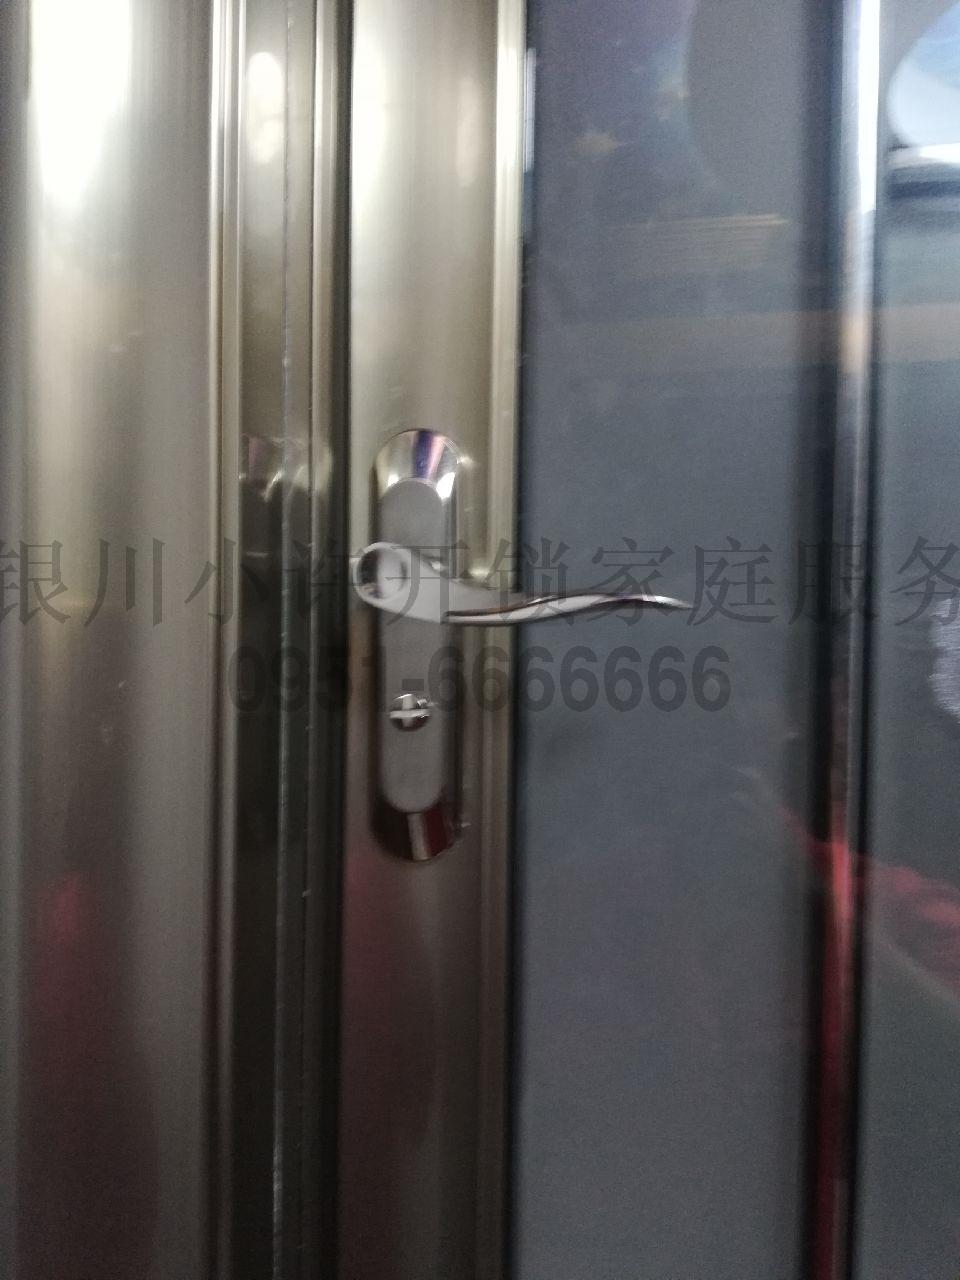 锁具有问题_用不了_找小许开锁